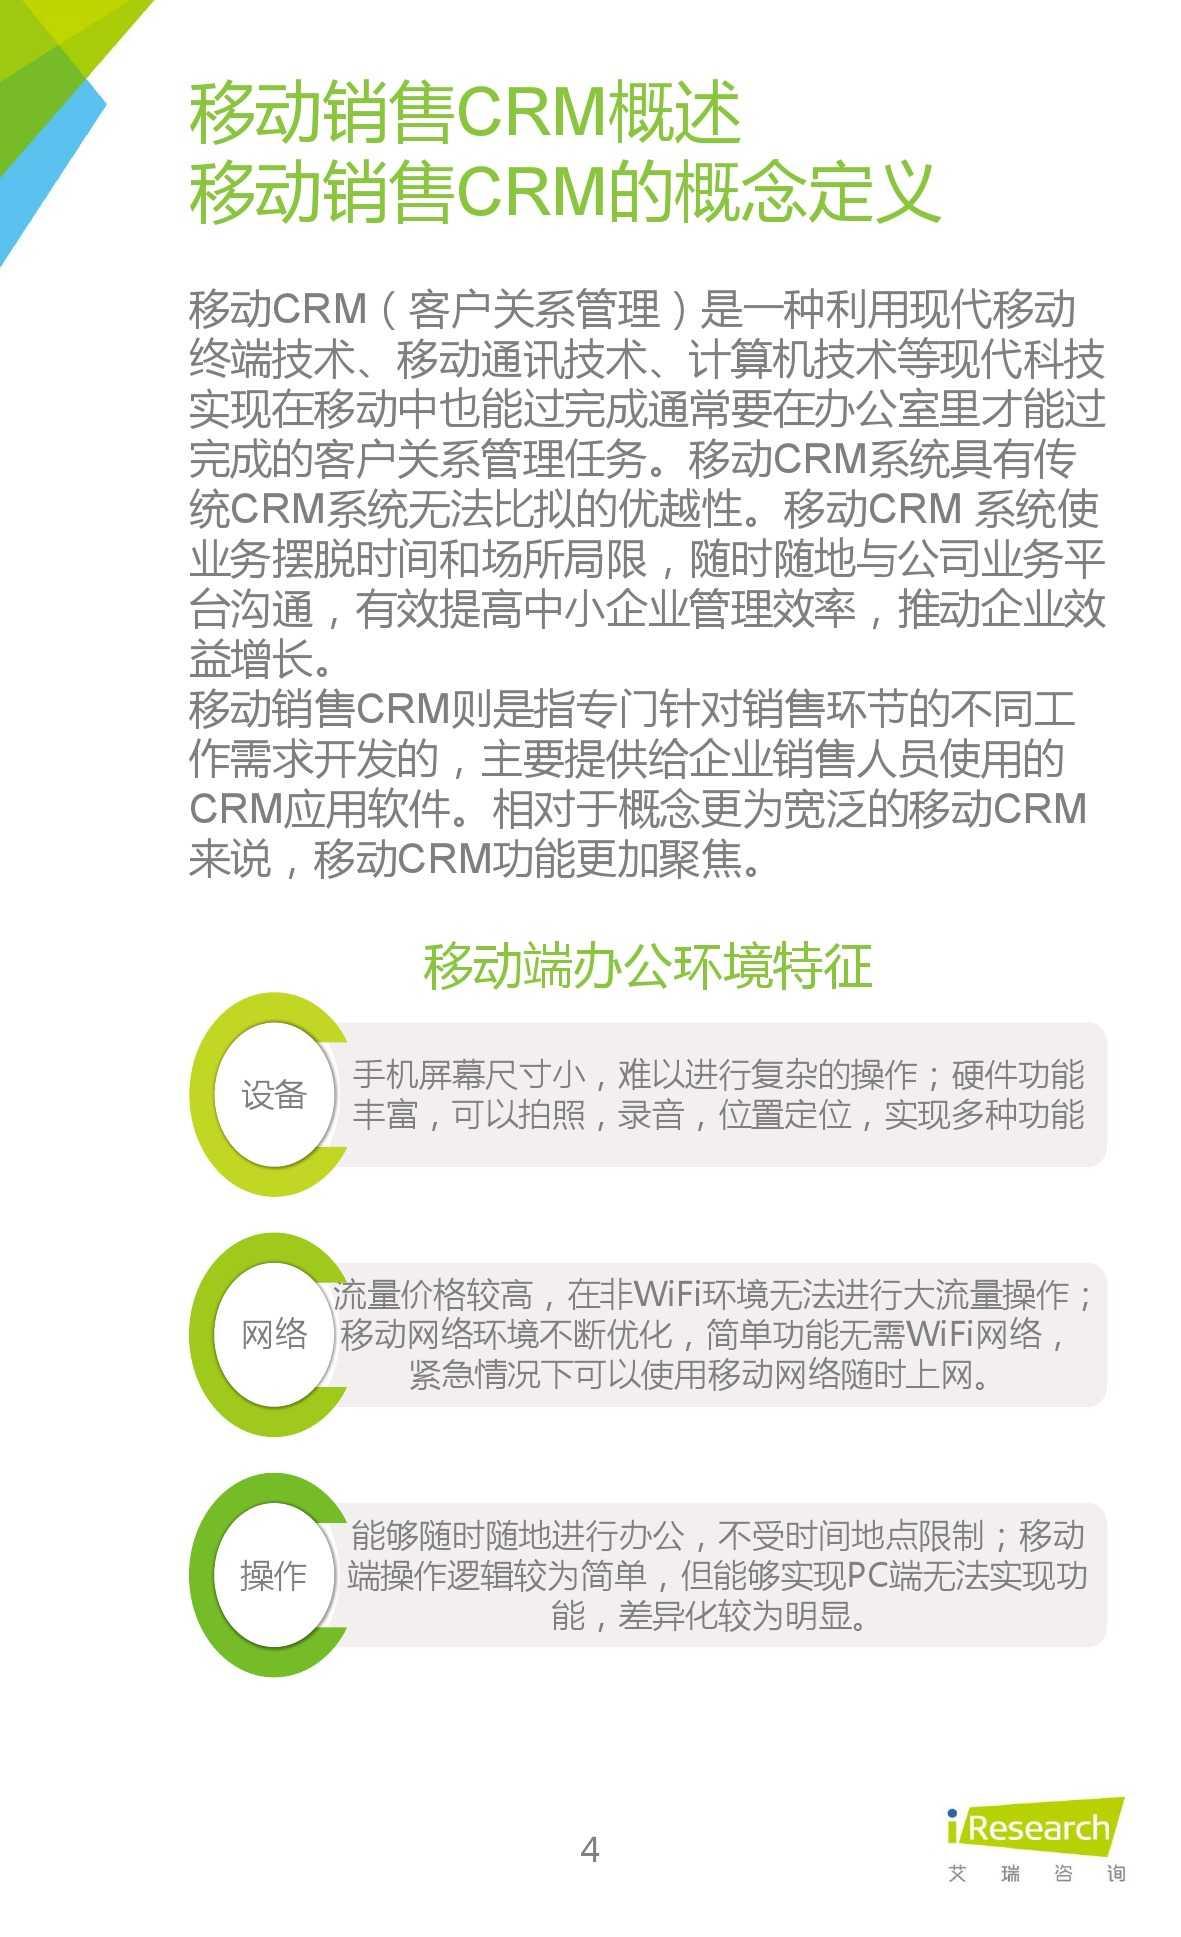 2015年中国移动销售CRM行业研究报告_000004